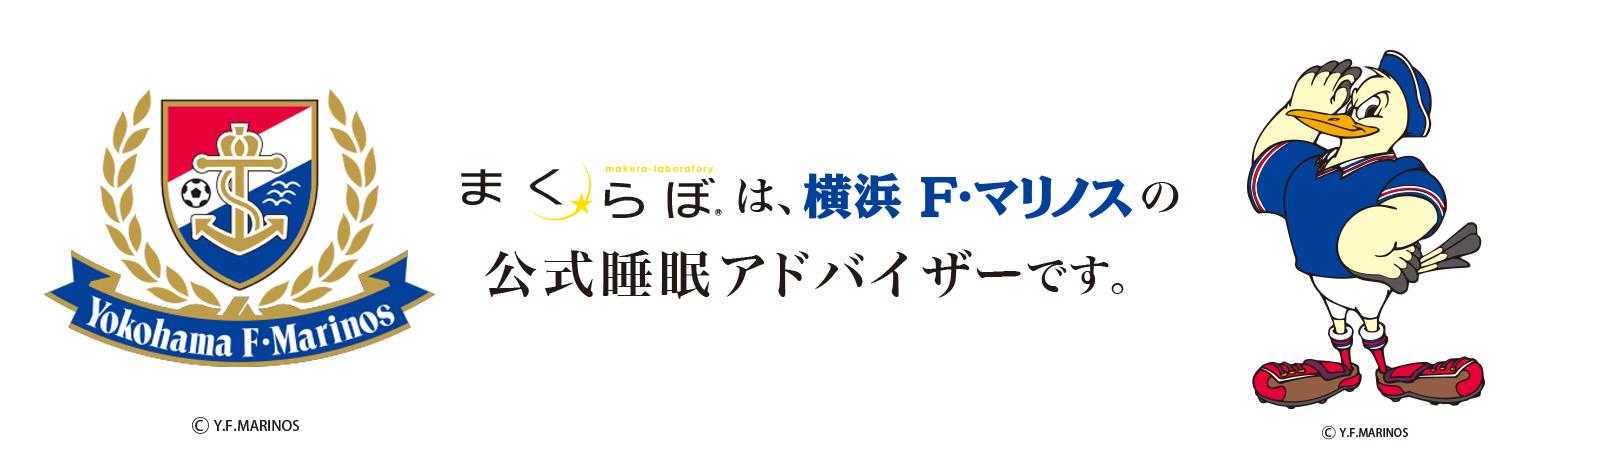 横浜F・マリノス睡眠アドバイザー